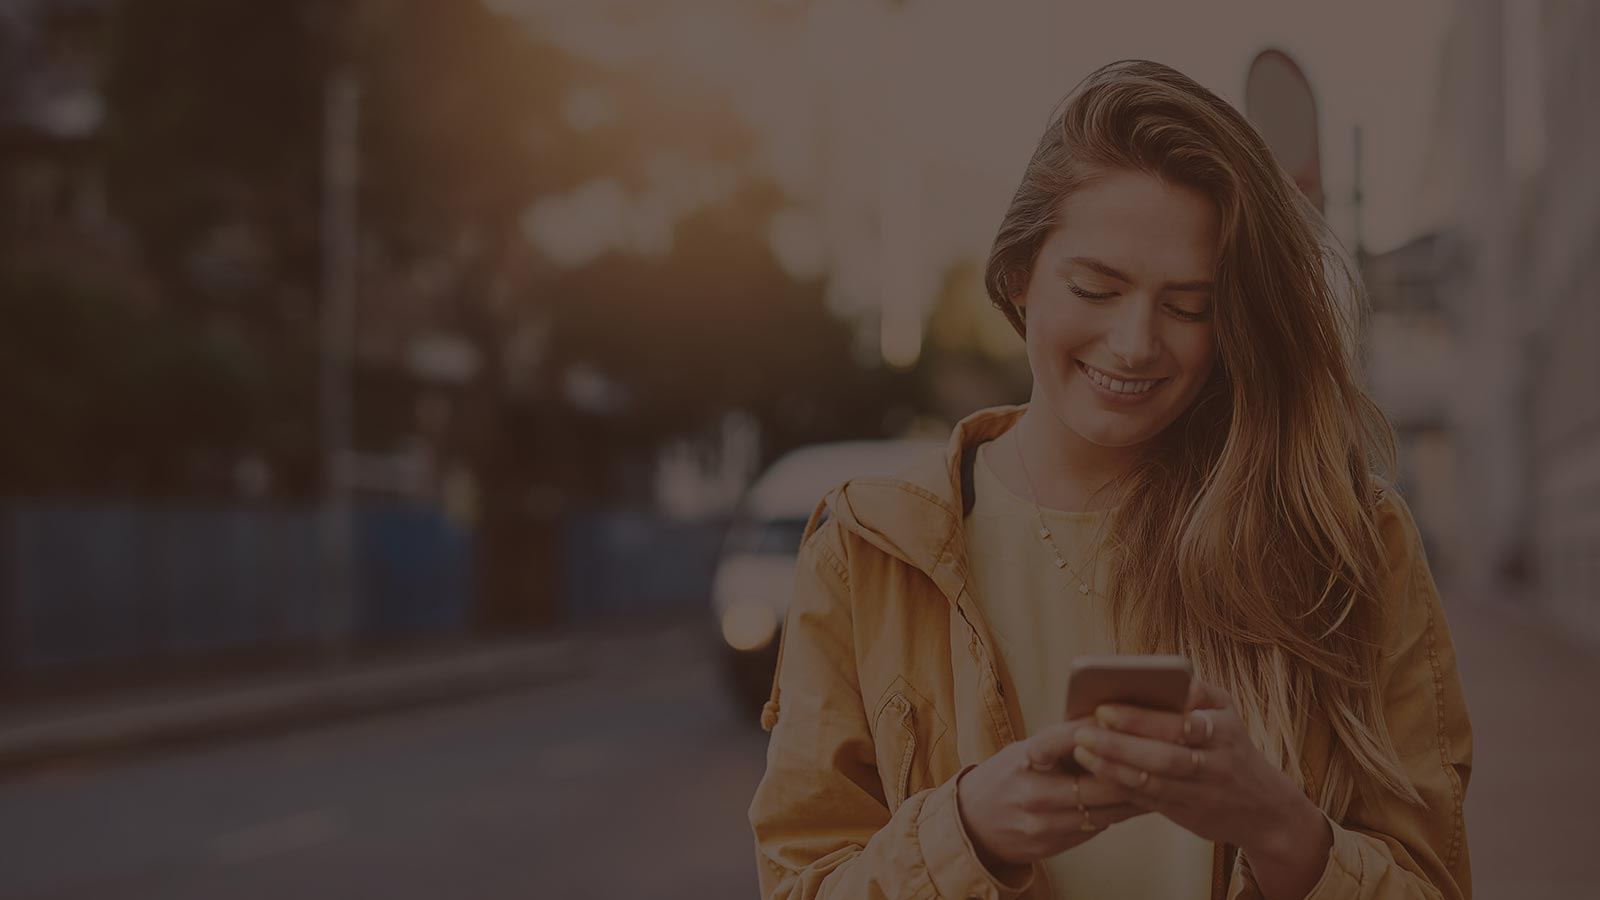 5 tendências de marketing em vídeo que você precisa conhecer!